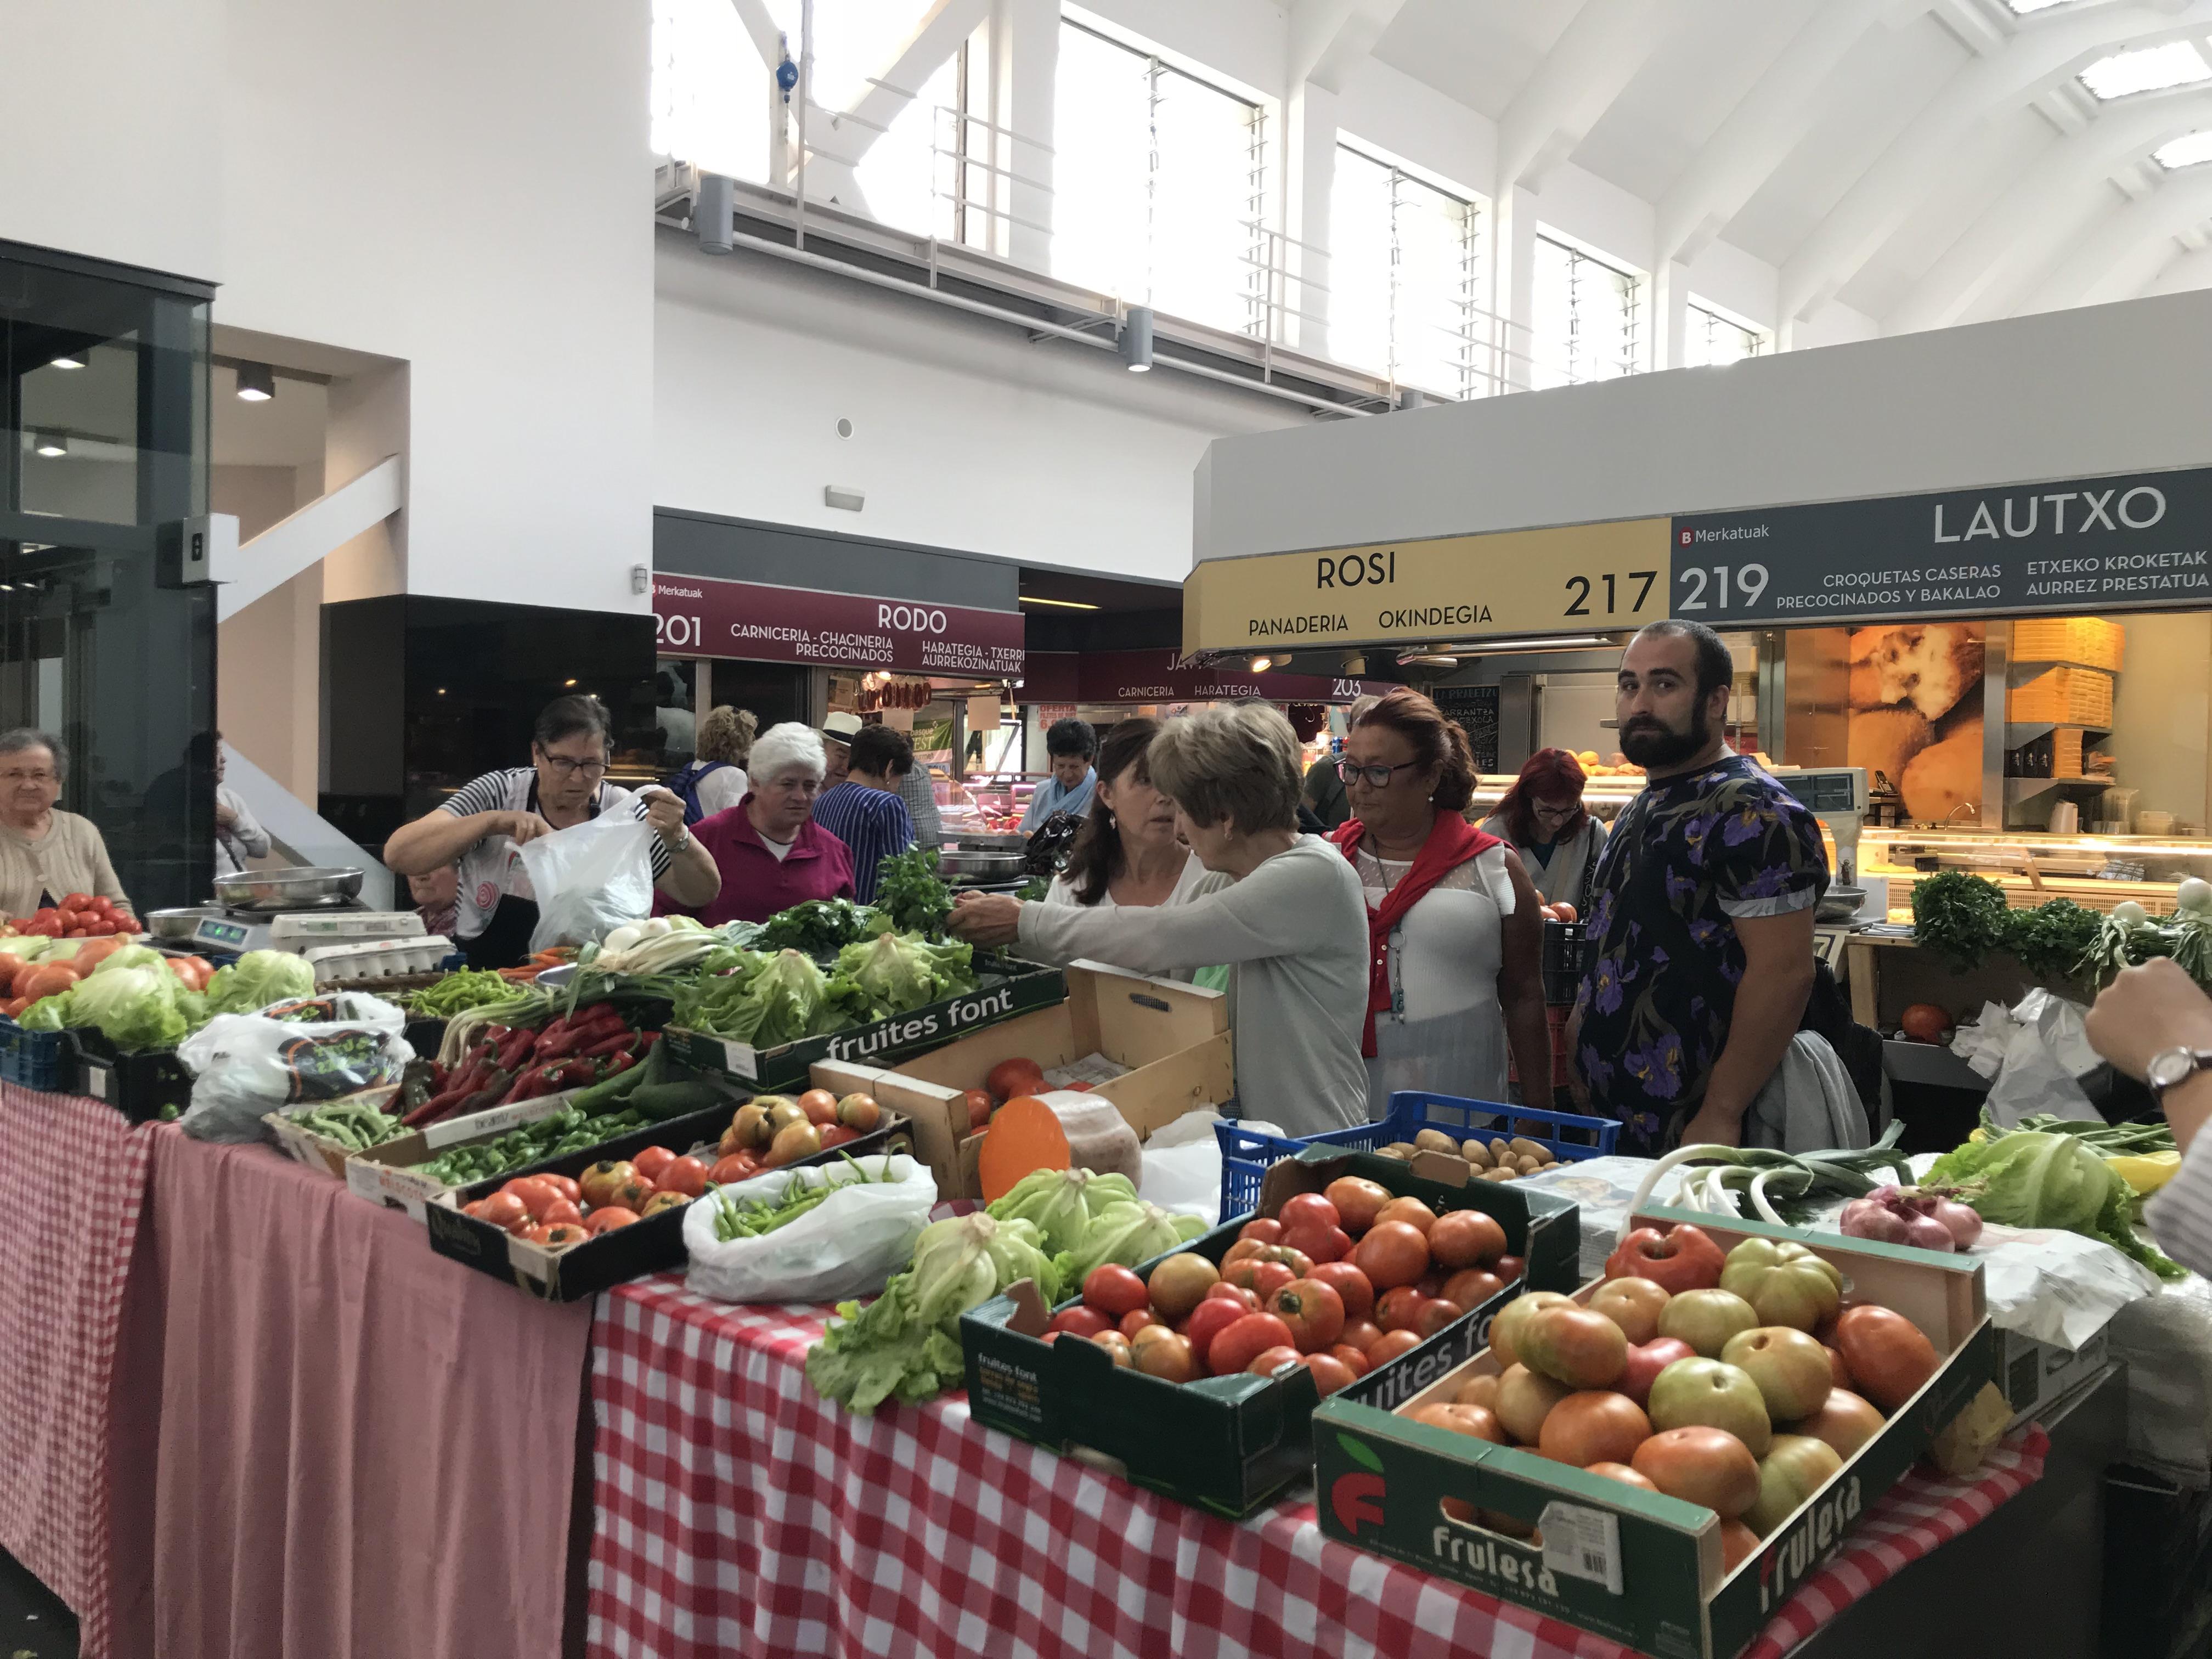 ビルバオのマーケット。建物は新しくて美しい。新鮮な野菜やお肉が並ぶ